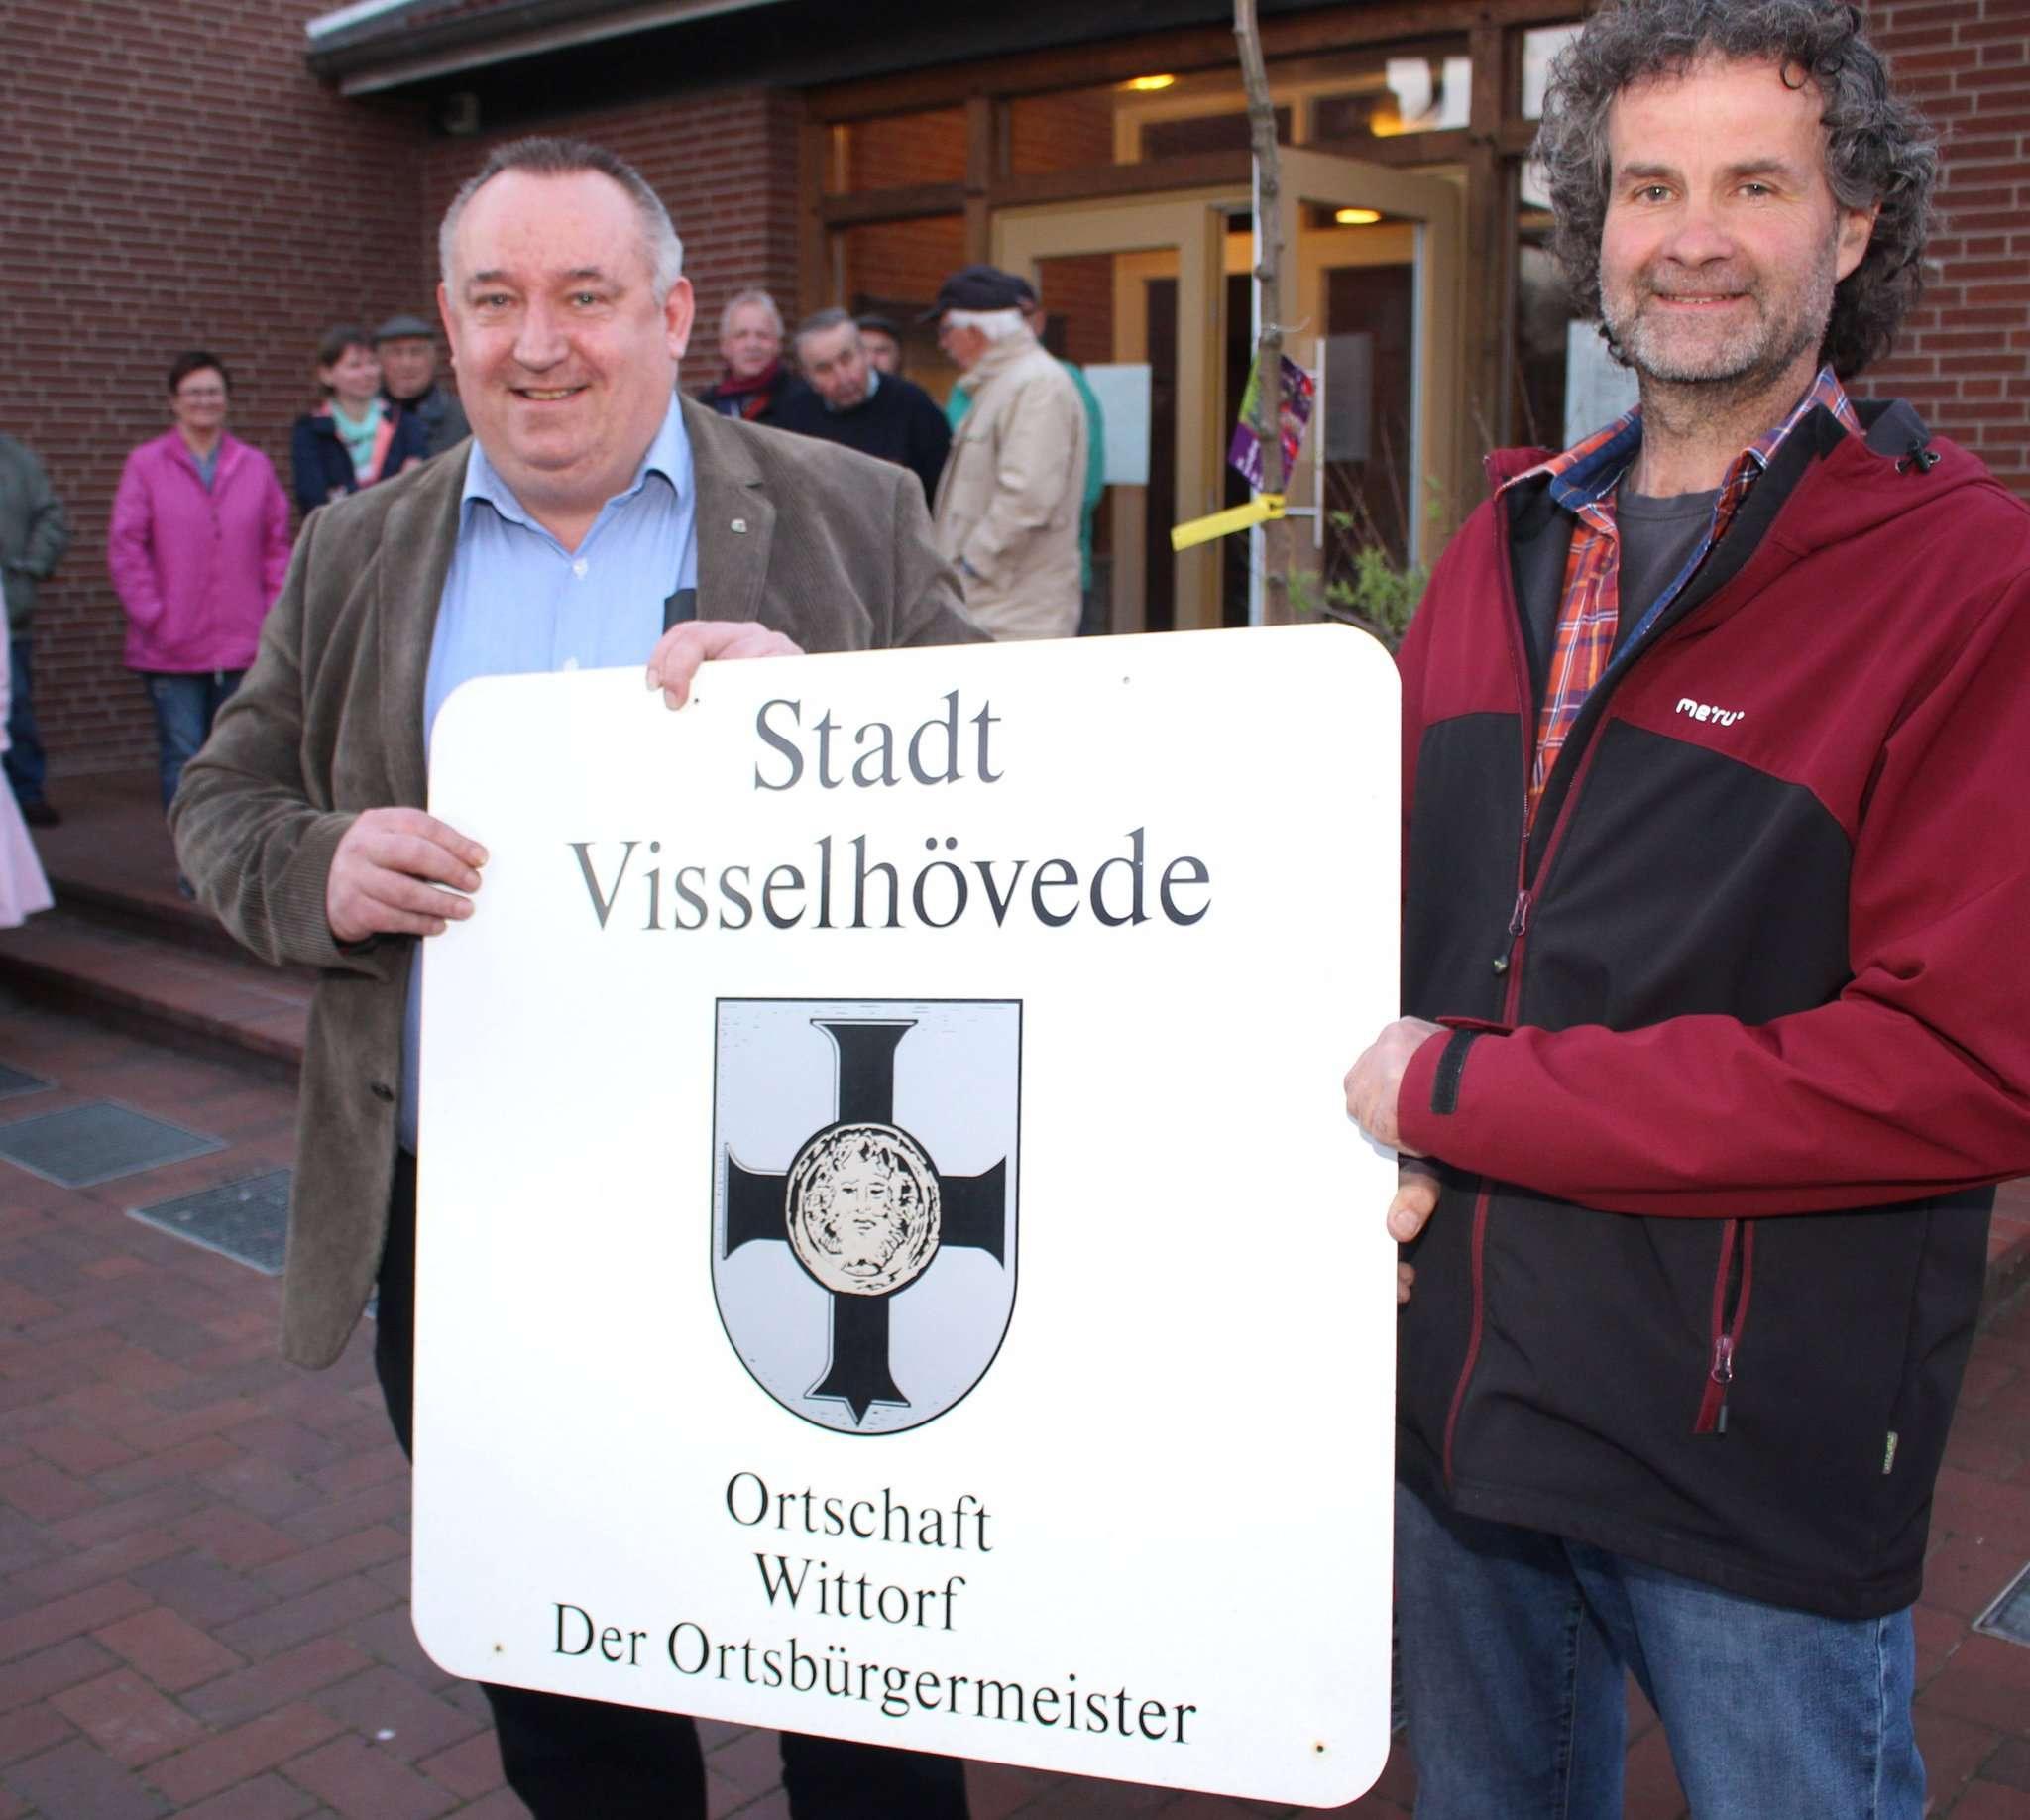 Die symbolische Übergabe des Schildes der Stadt Visselhövede von Willi Bargfrede (L) an den neuen Ortsbürgermeister Heiner Gerken. Fotos: Henning Leekse